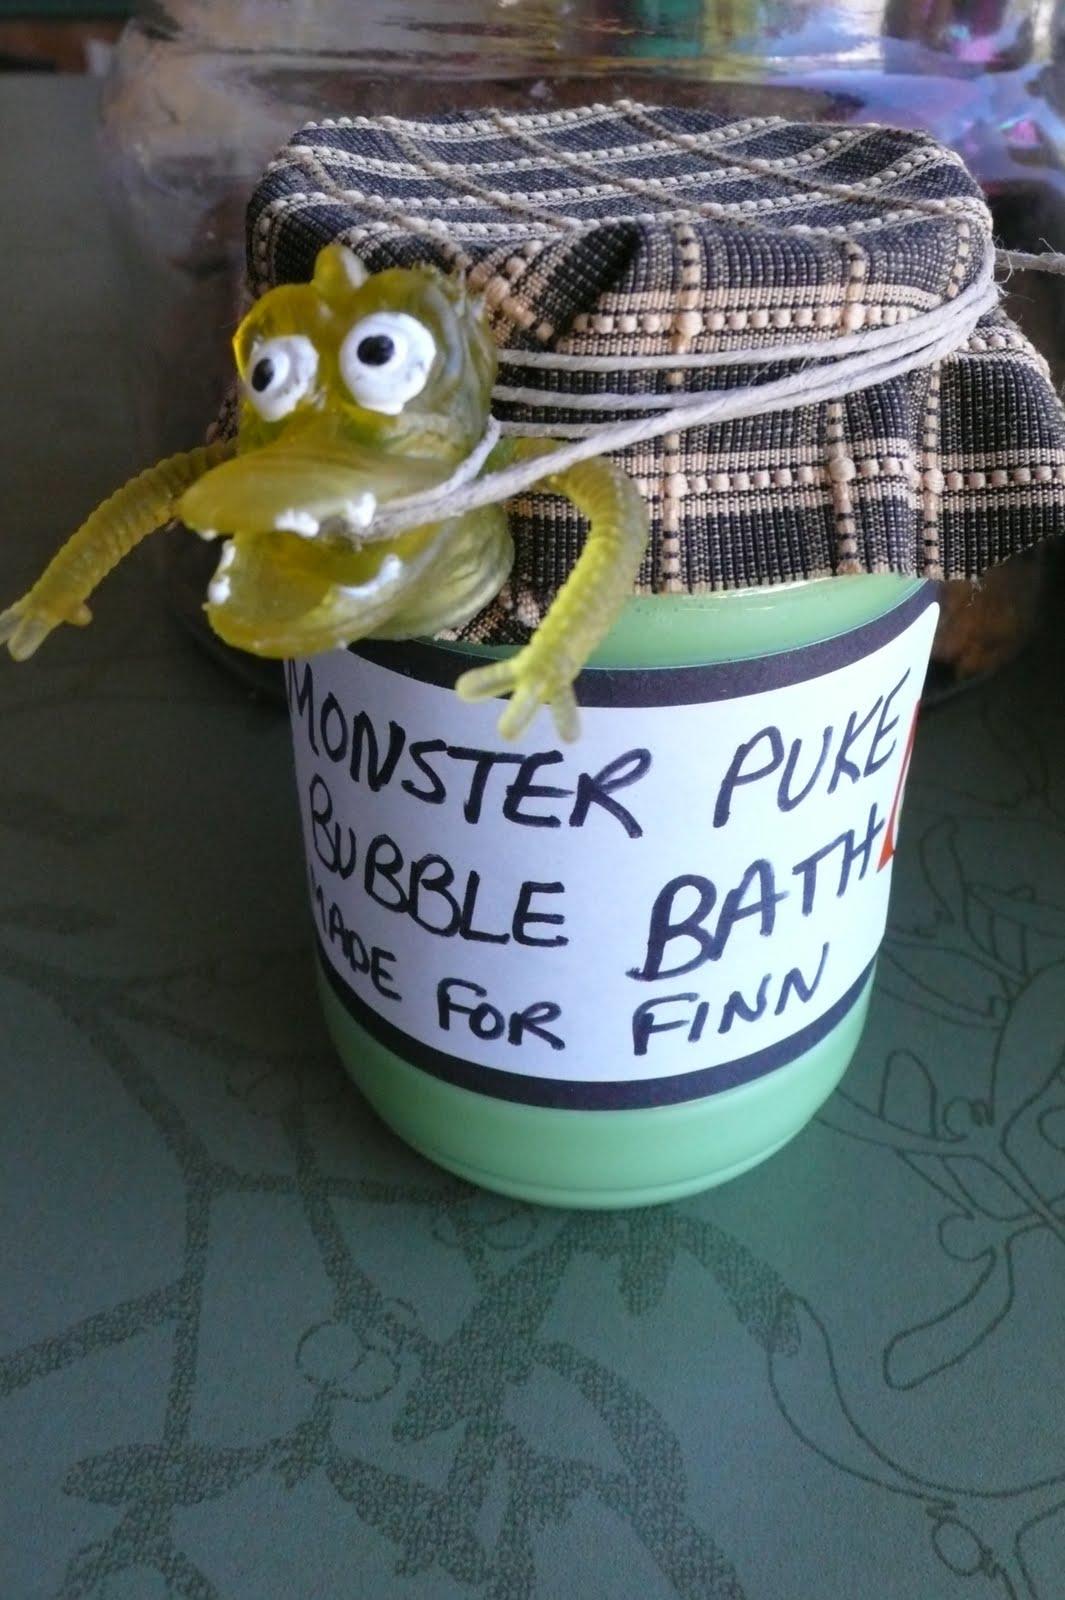 art food and motherhood monster puke bubble bath a good homemade